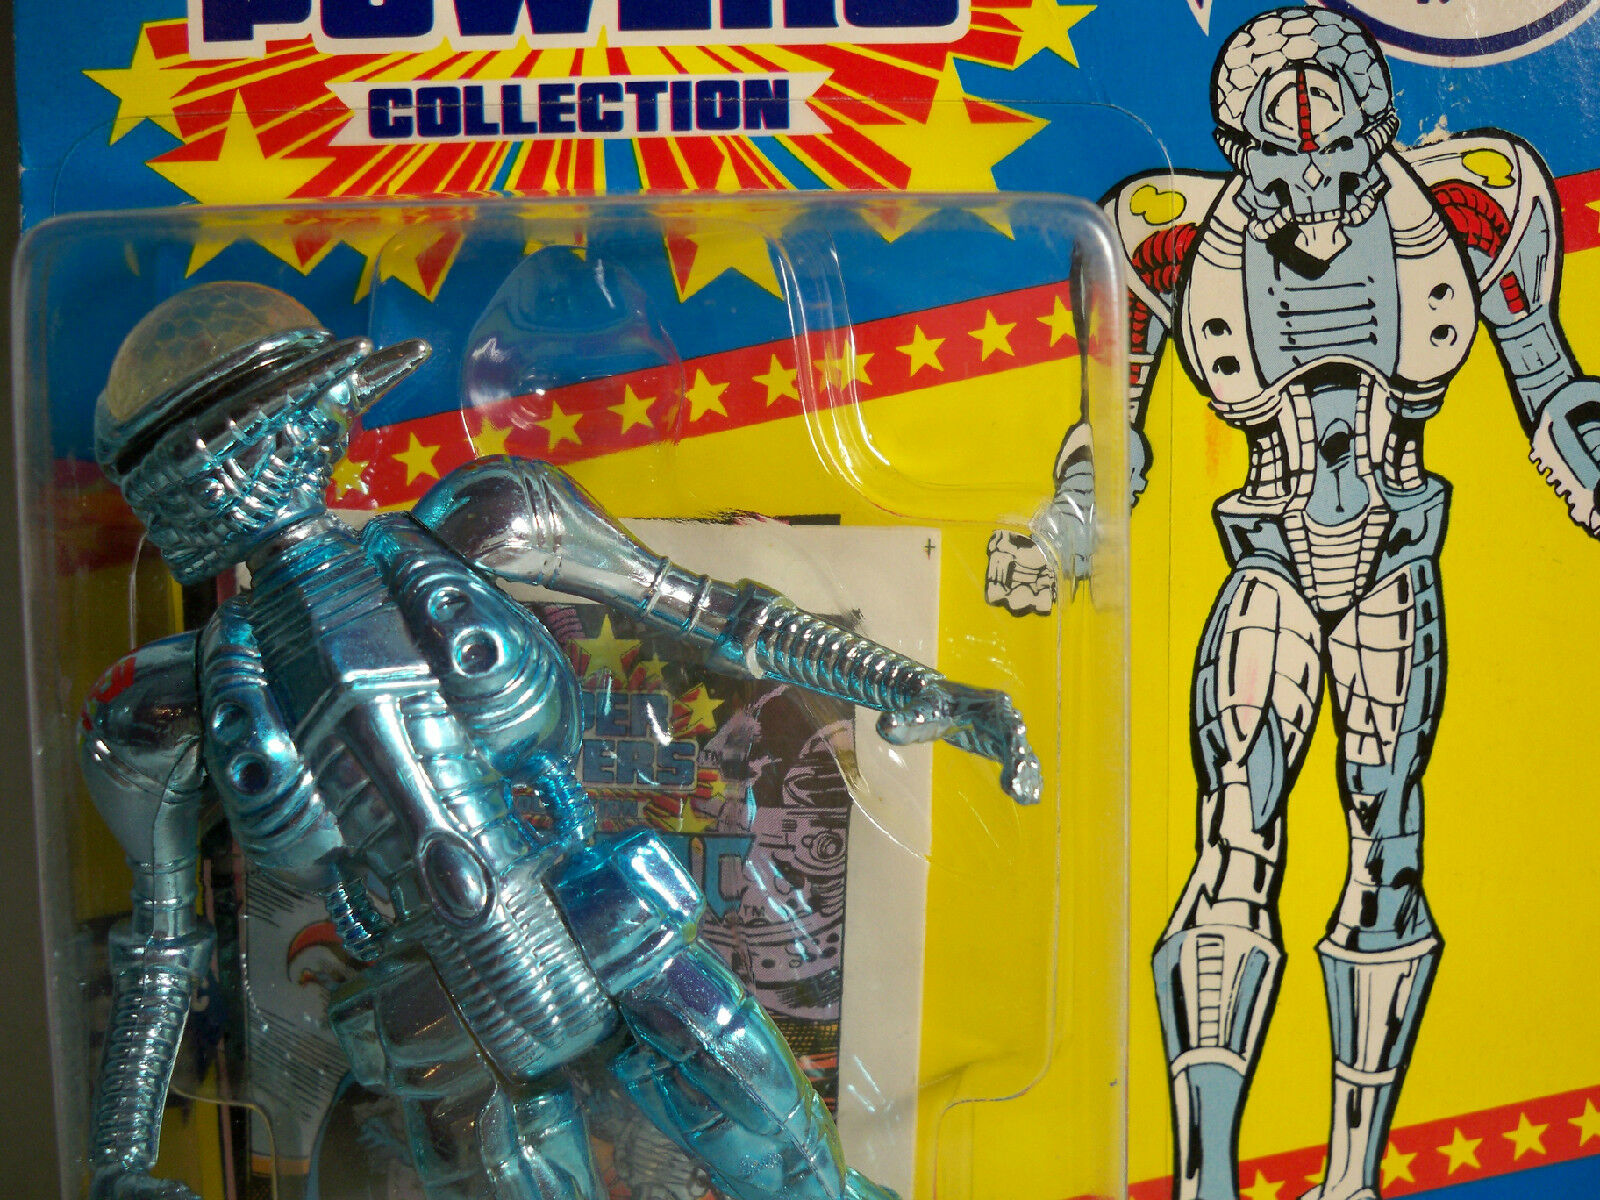 D0506577 Brainiac super pouvoirs Comme neuf sur scellé voiturete Comme  neuf on voitured Comme neuf on voitured KENNER avec étui  produits créatifs